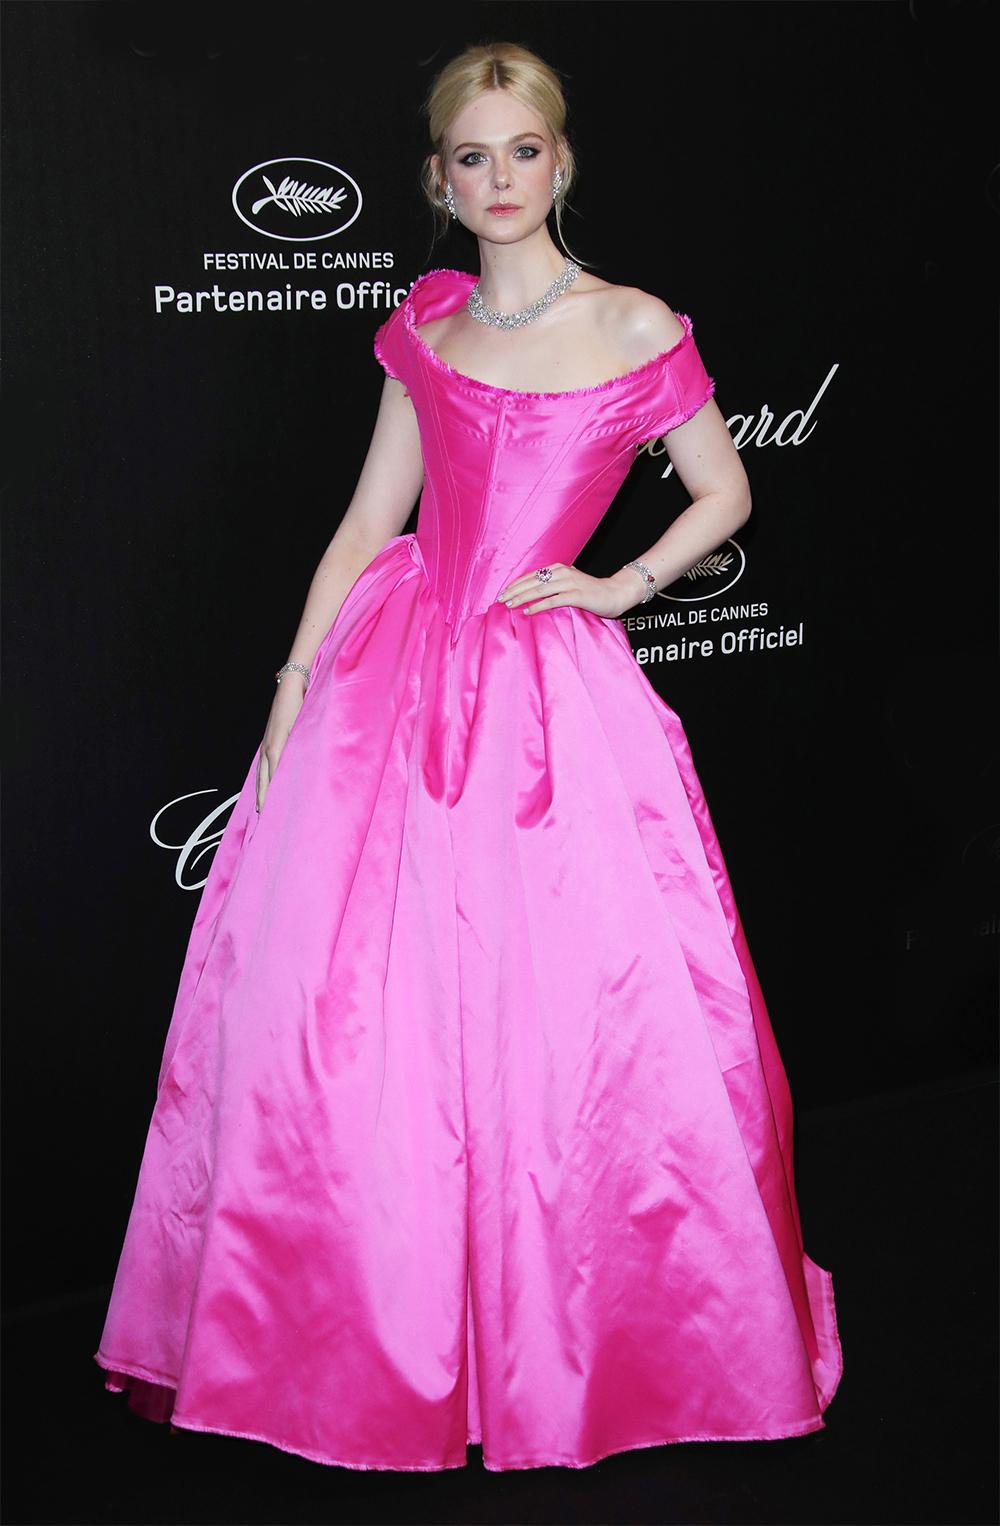 Elle Fanning được khán giả ví như công chúa Disney đời thực khi diện váy ballgown trễ vai màu hồng satin của nhà thiết kế Vivienne Westwood. Cô phối vòng cổ kim cương Chopard và loạt phụ kiện đính đá.